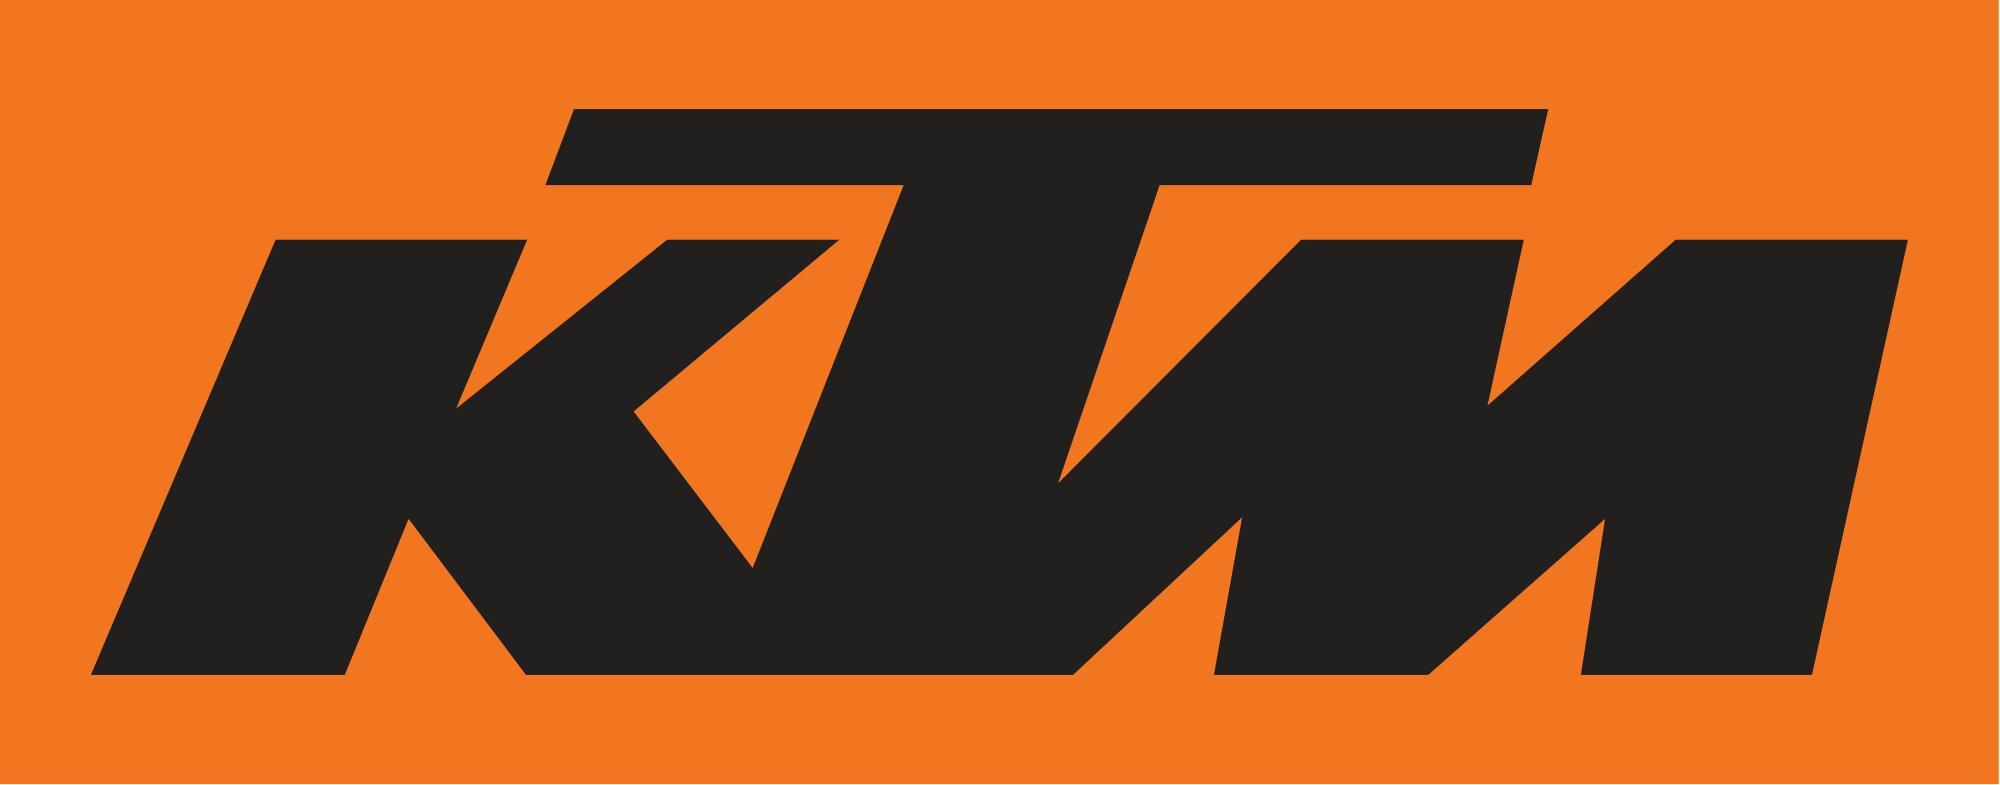 Giá xe mô tô phân khối lớn KTM nhập khẩu Ấn Độ bao nhiêu tiền năm 2017?